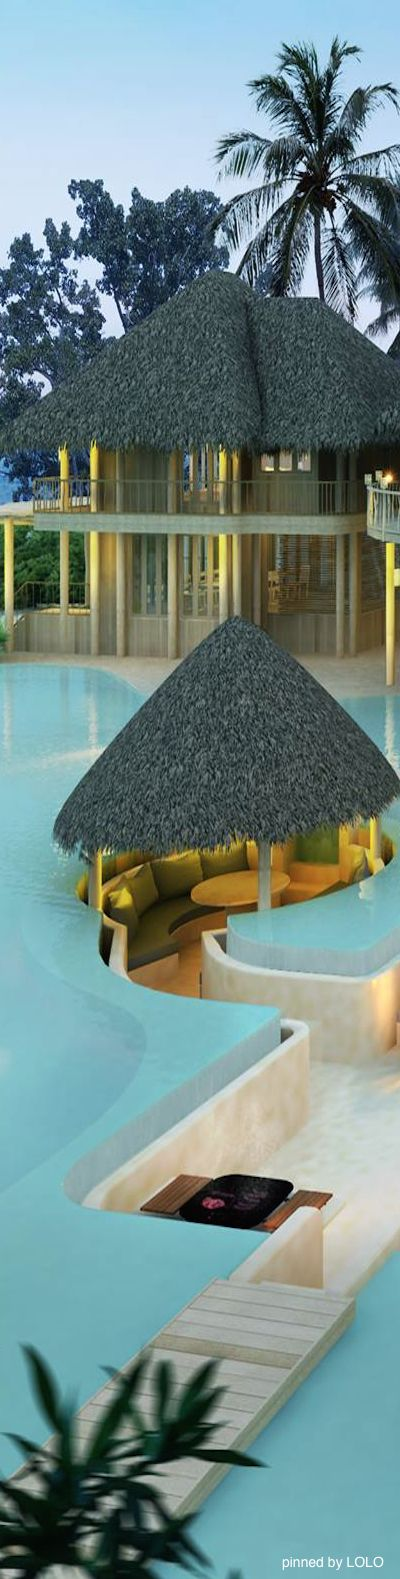 Soneva Fushi Resort...Maldives